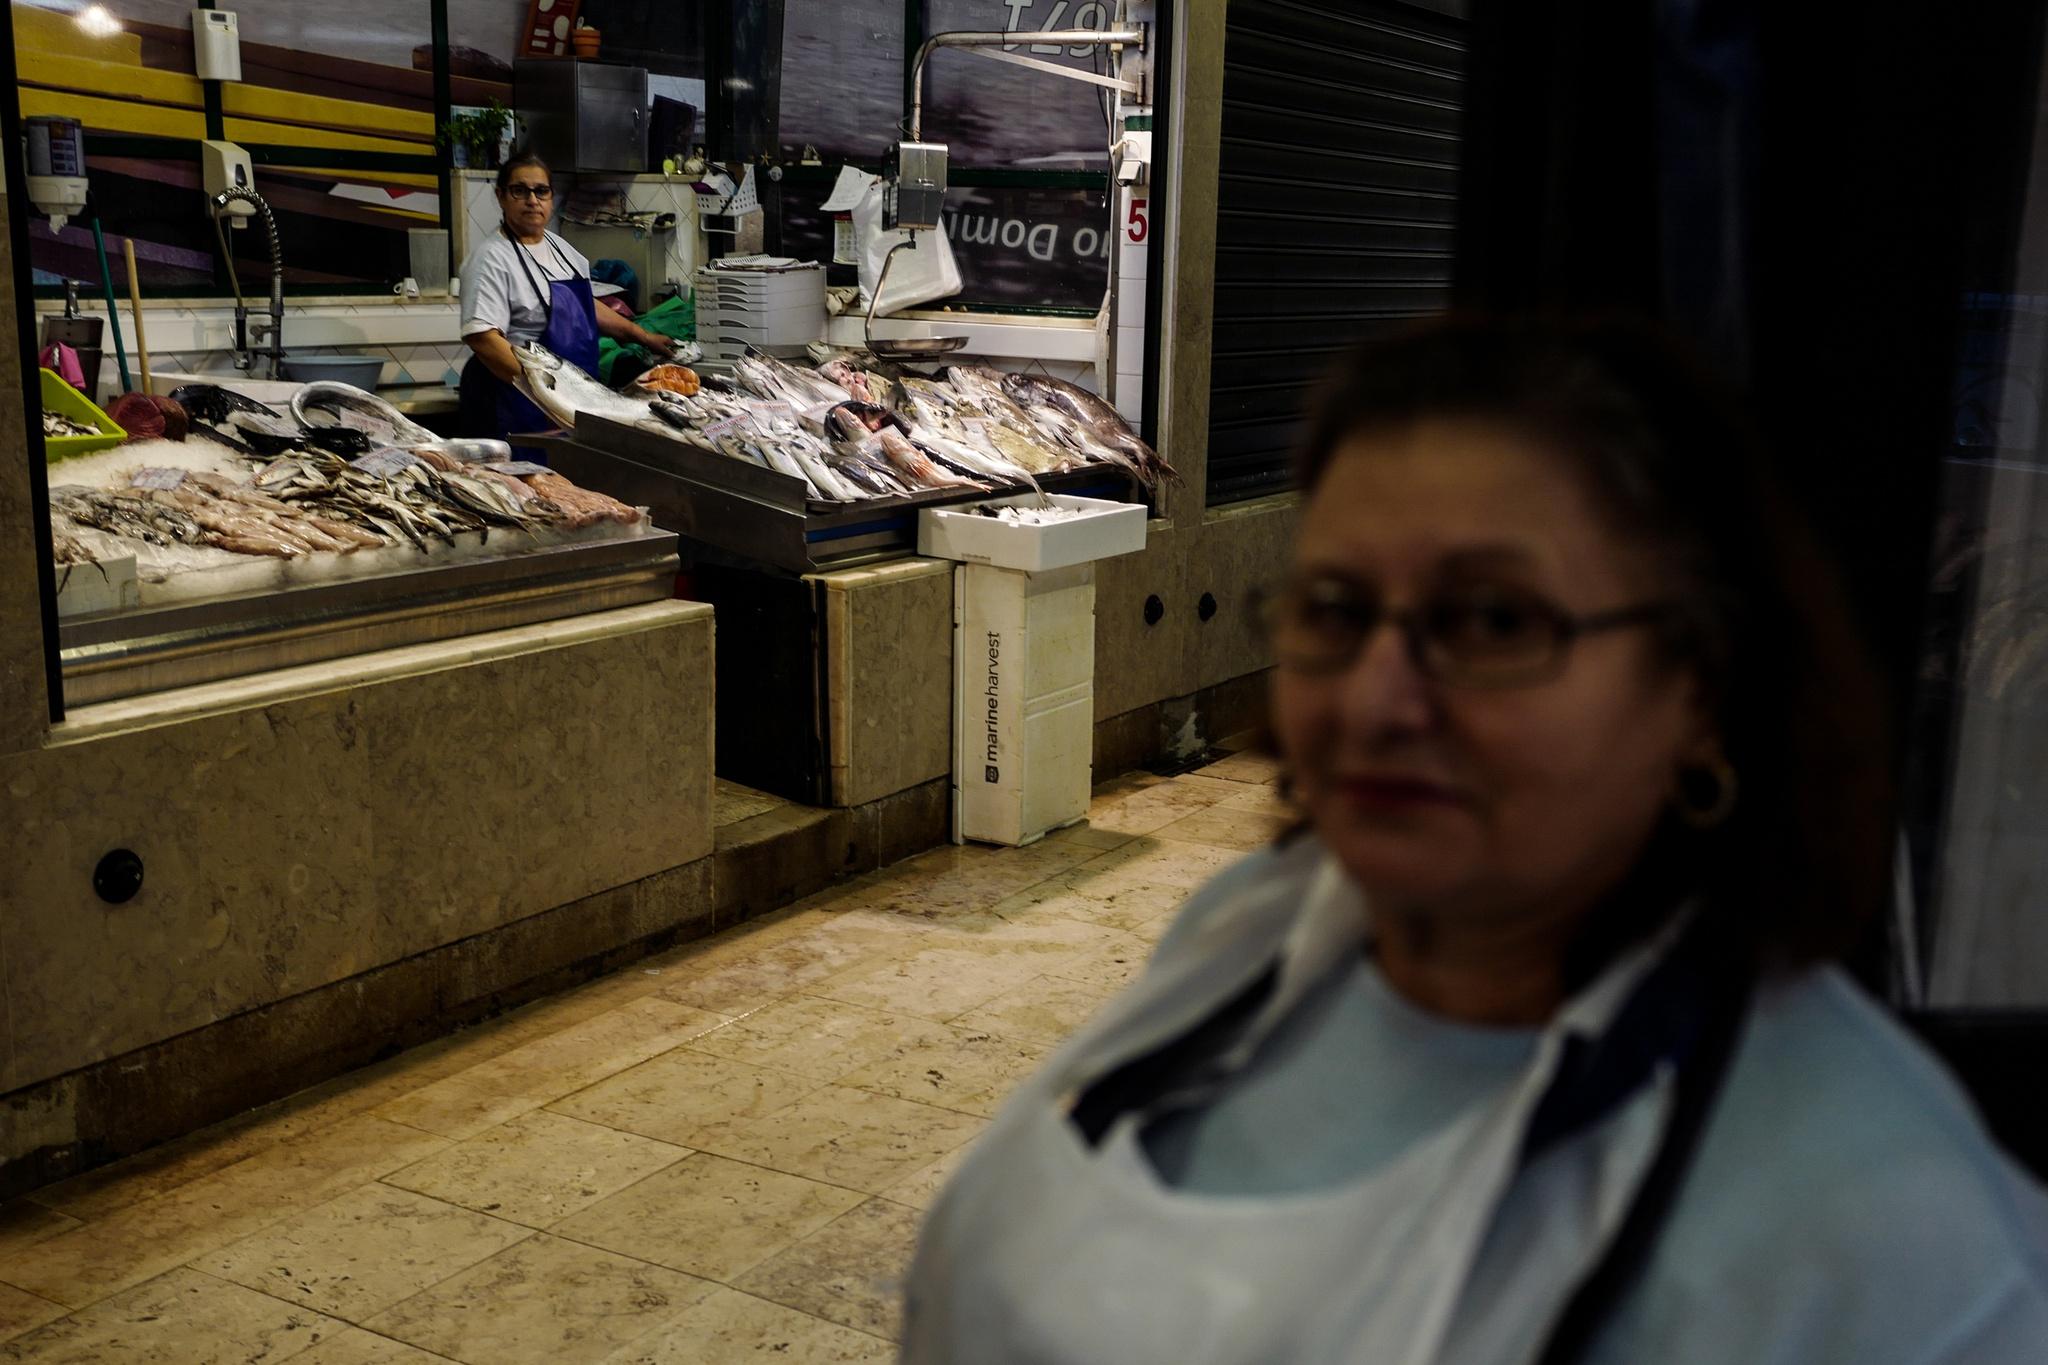 dia comerciante renda portugal